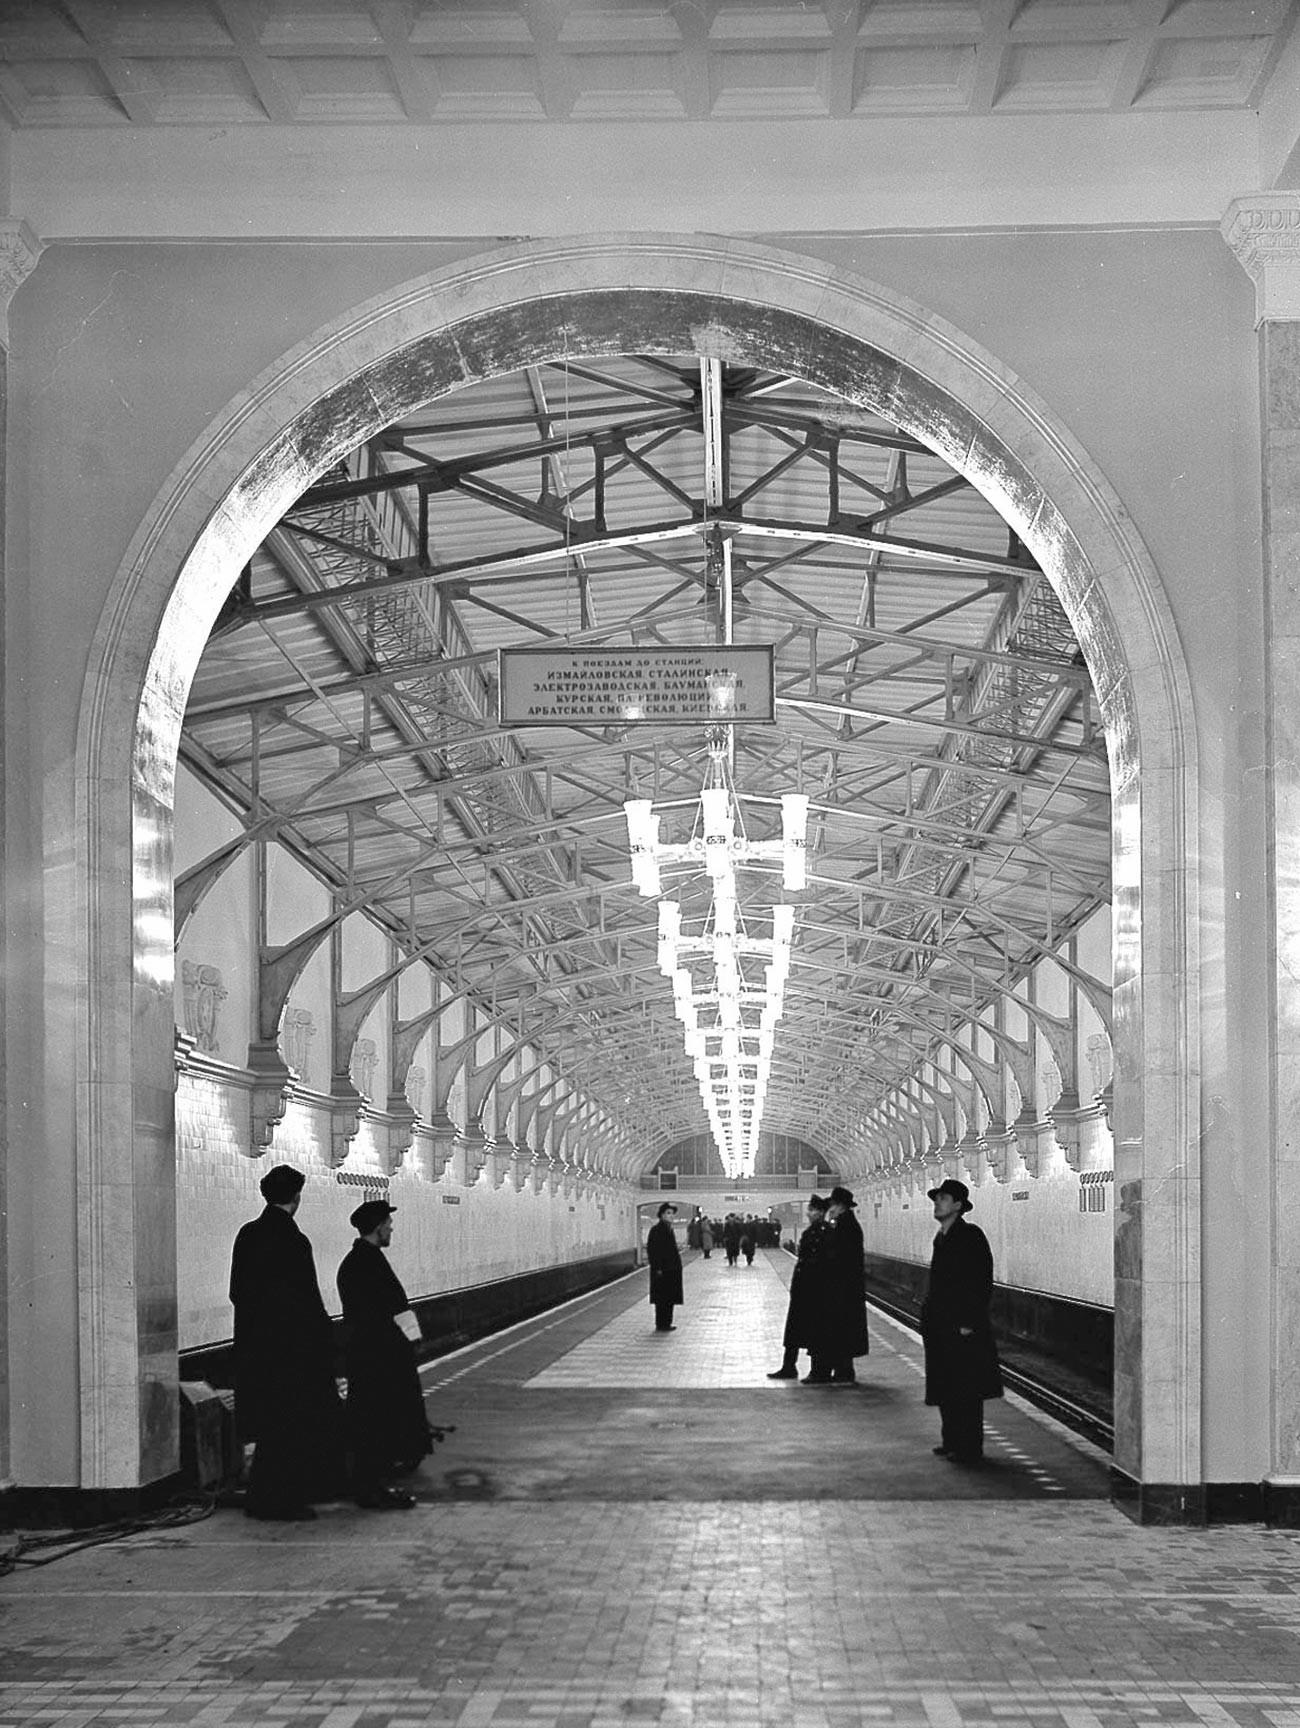 ペルヴォマイスカヤ駅の内装